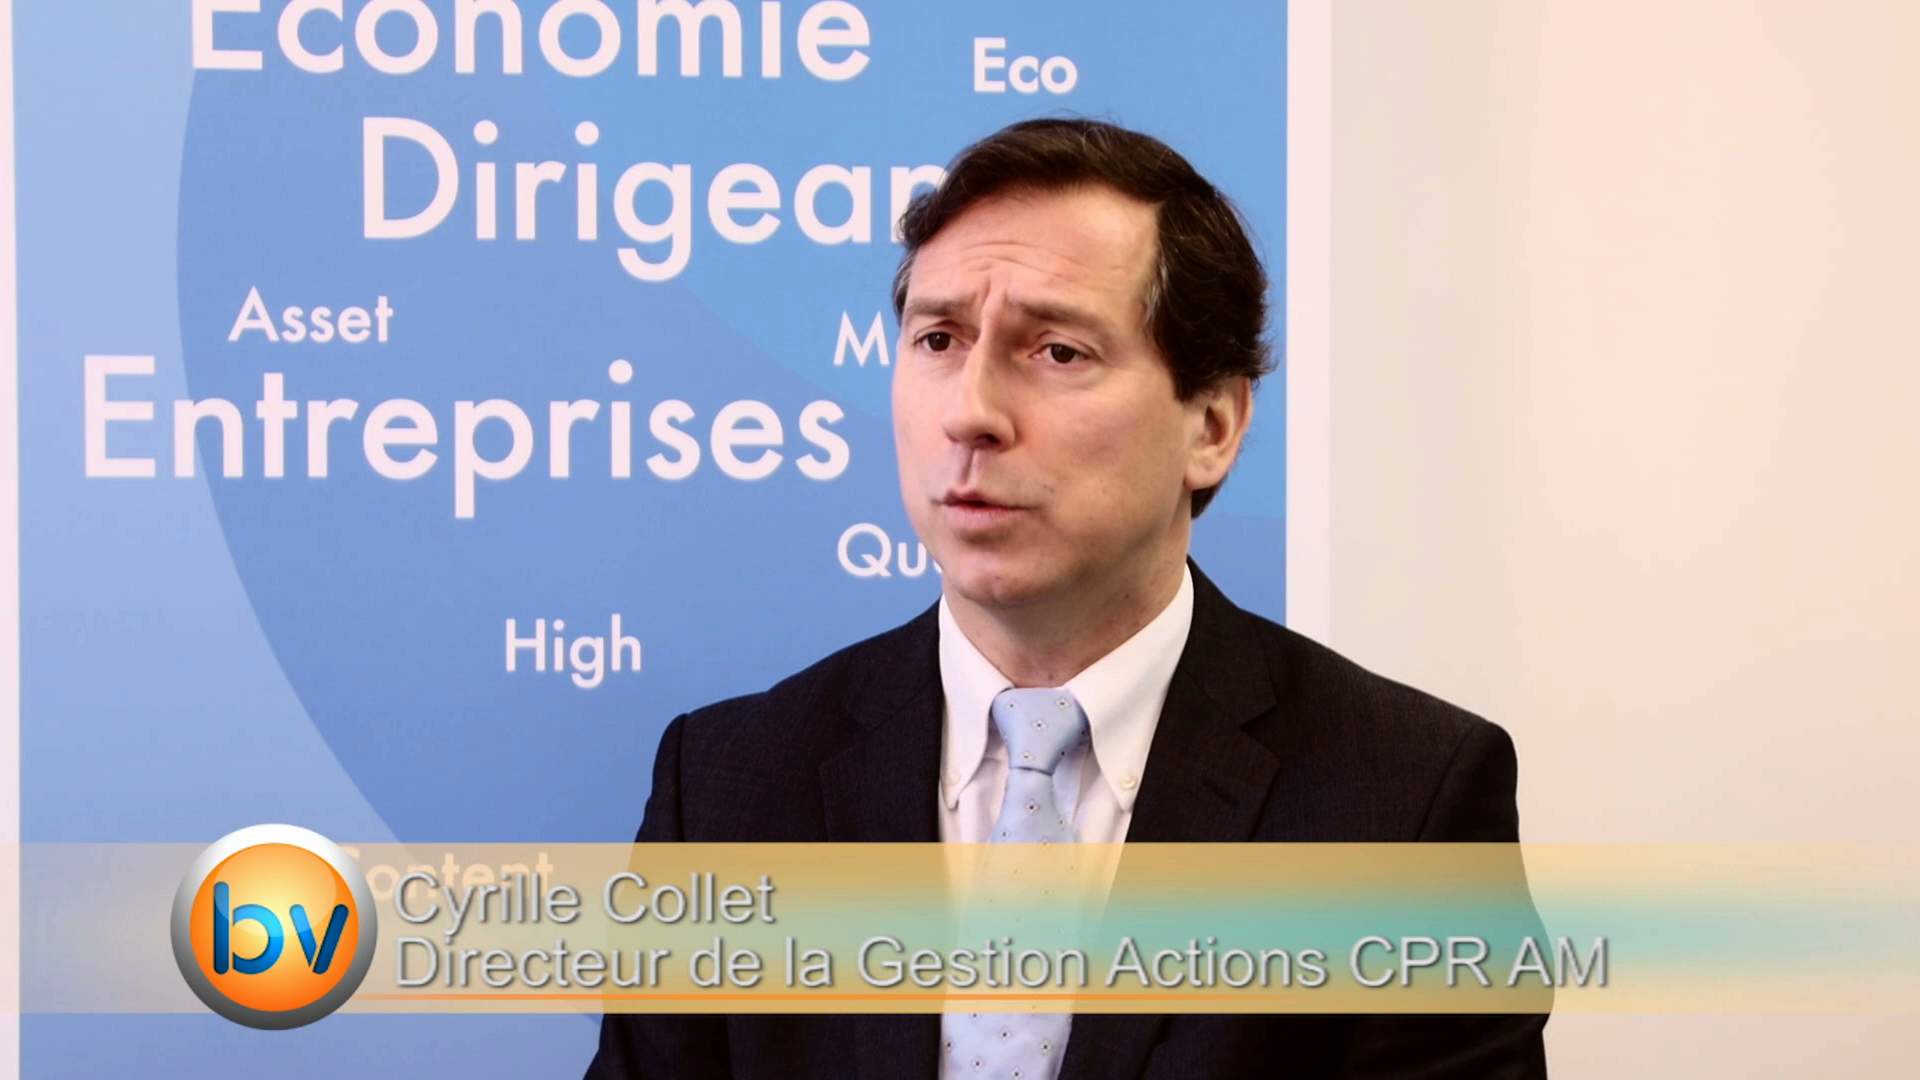 """Cyrille Collet Directeur de la Gestion Actions CPR AM : """"L'investissement dans une zone est beaucoup corrélée à l'évolution de la devise"""""""